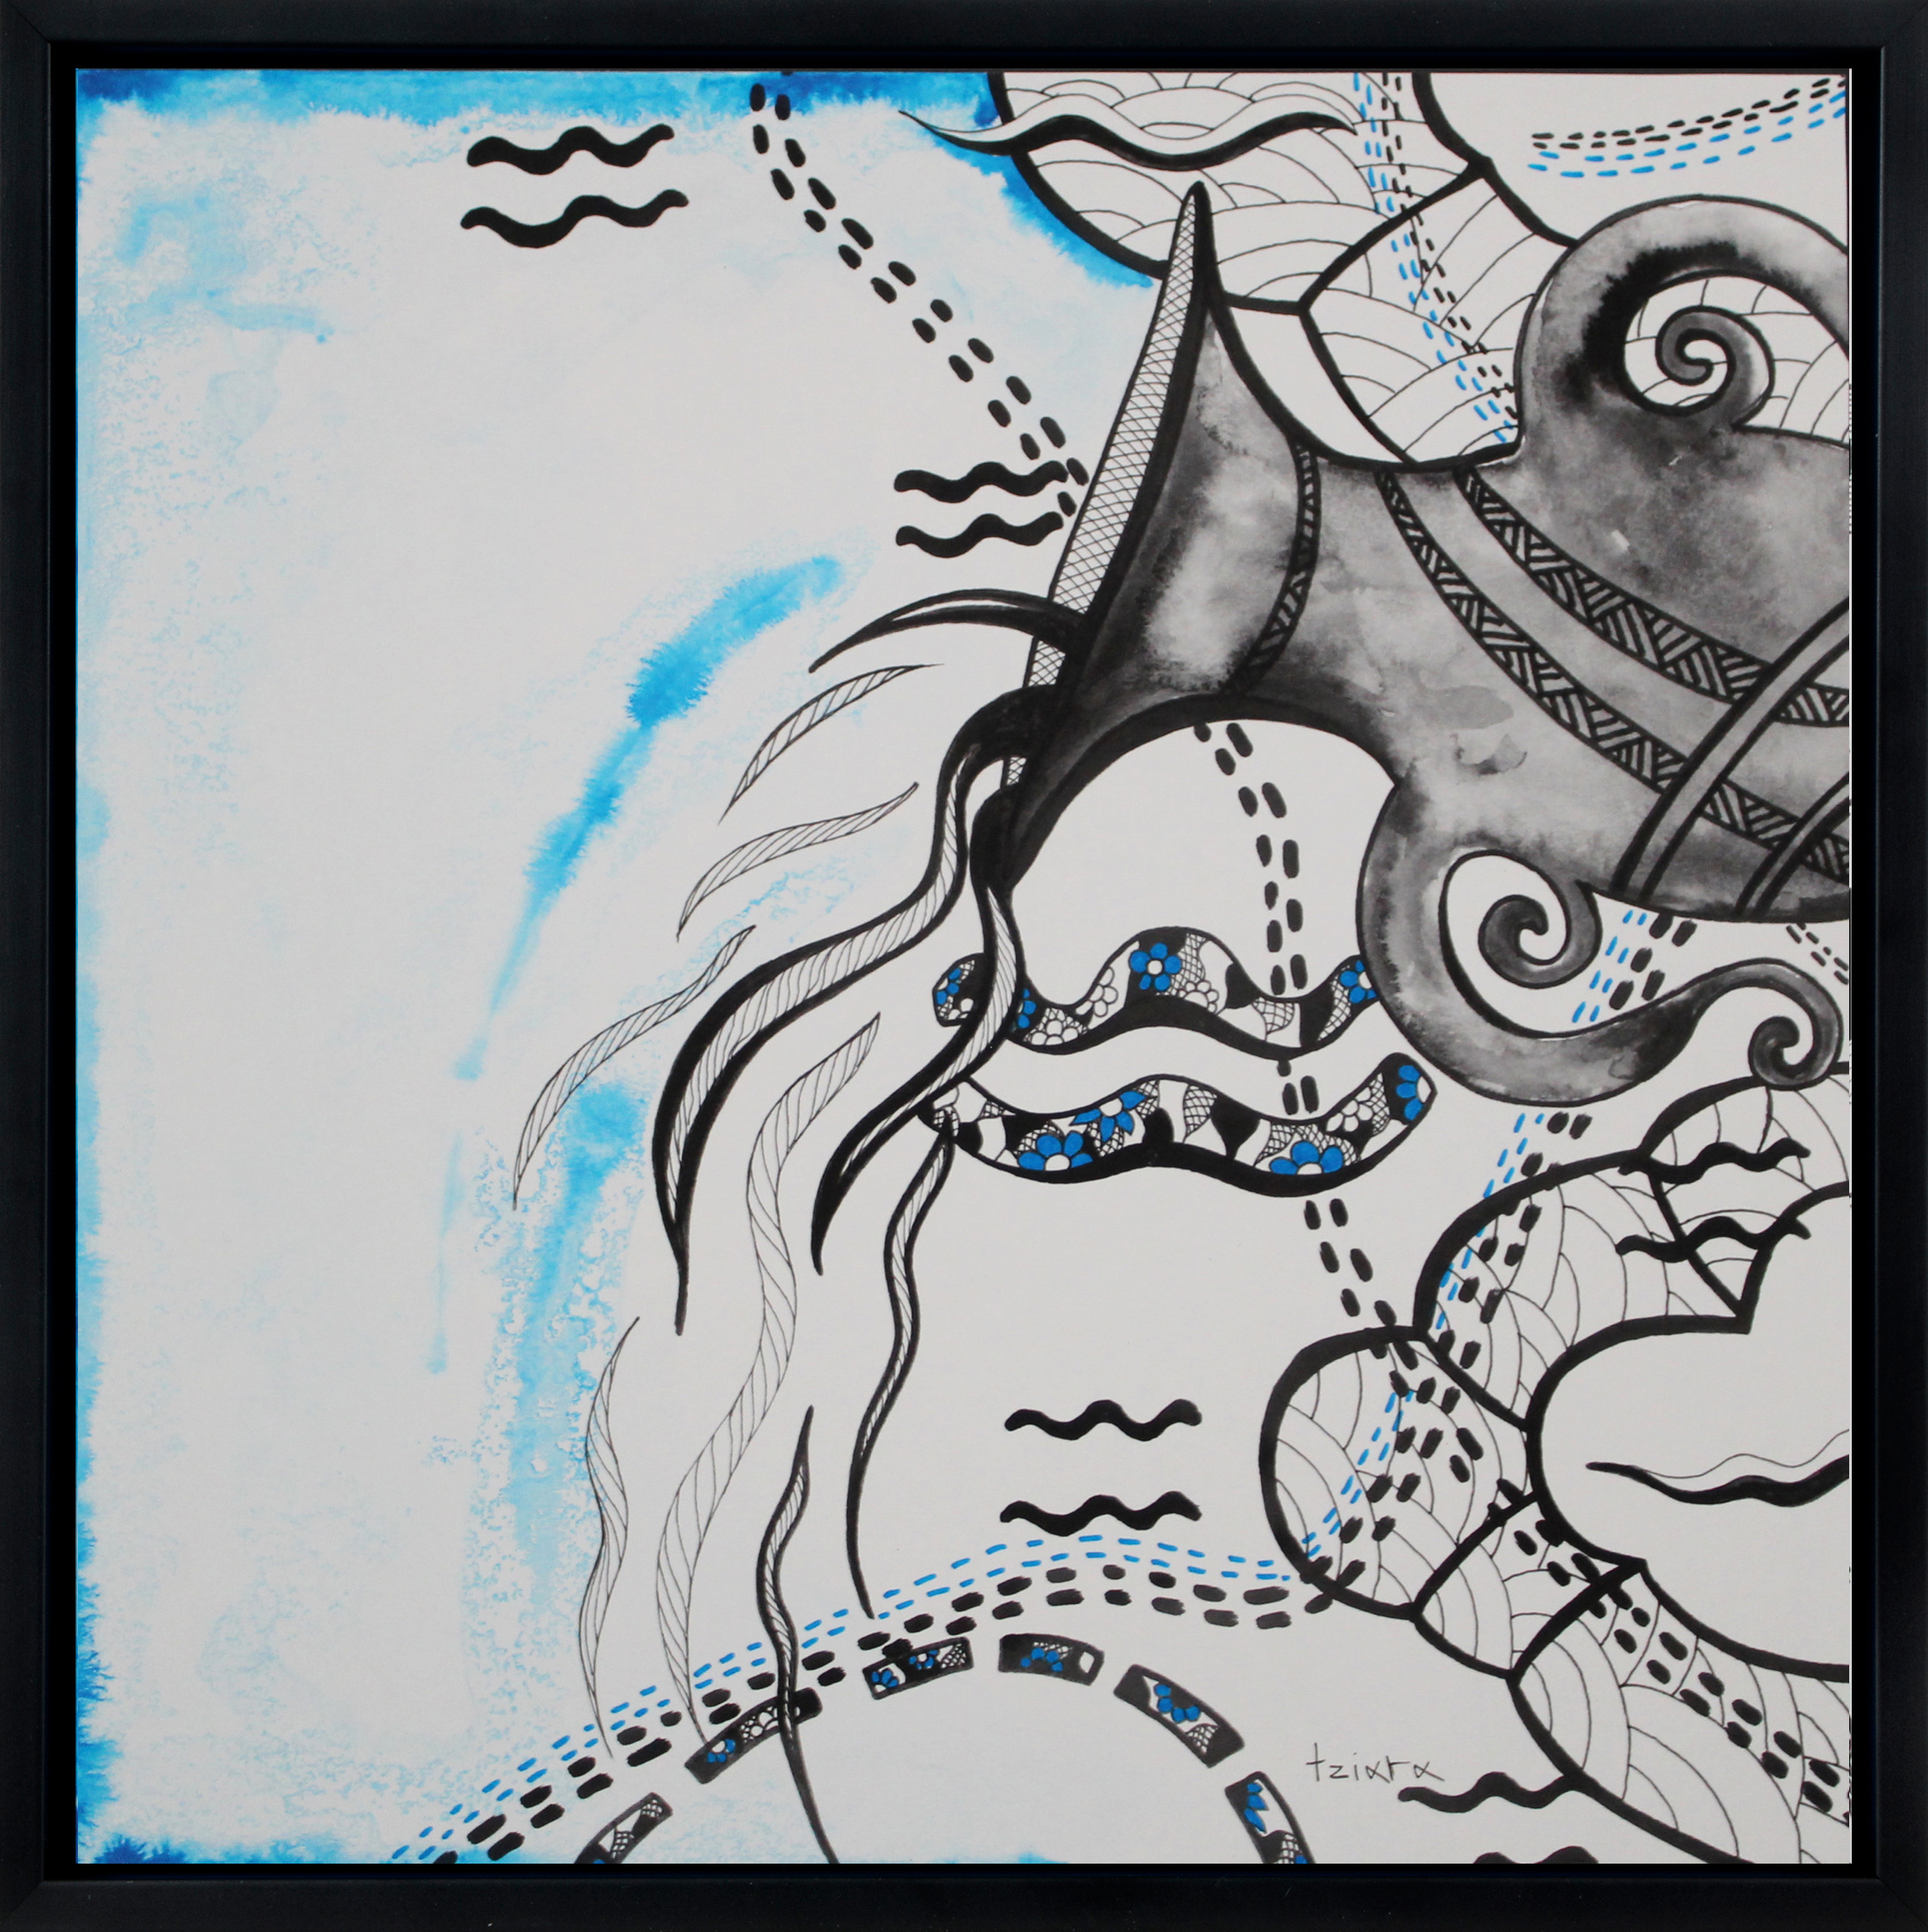 Aquarius in frame